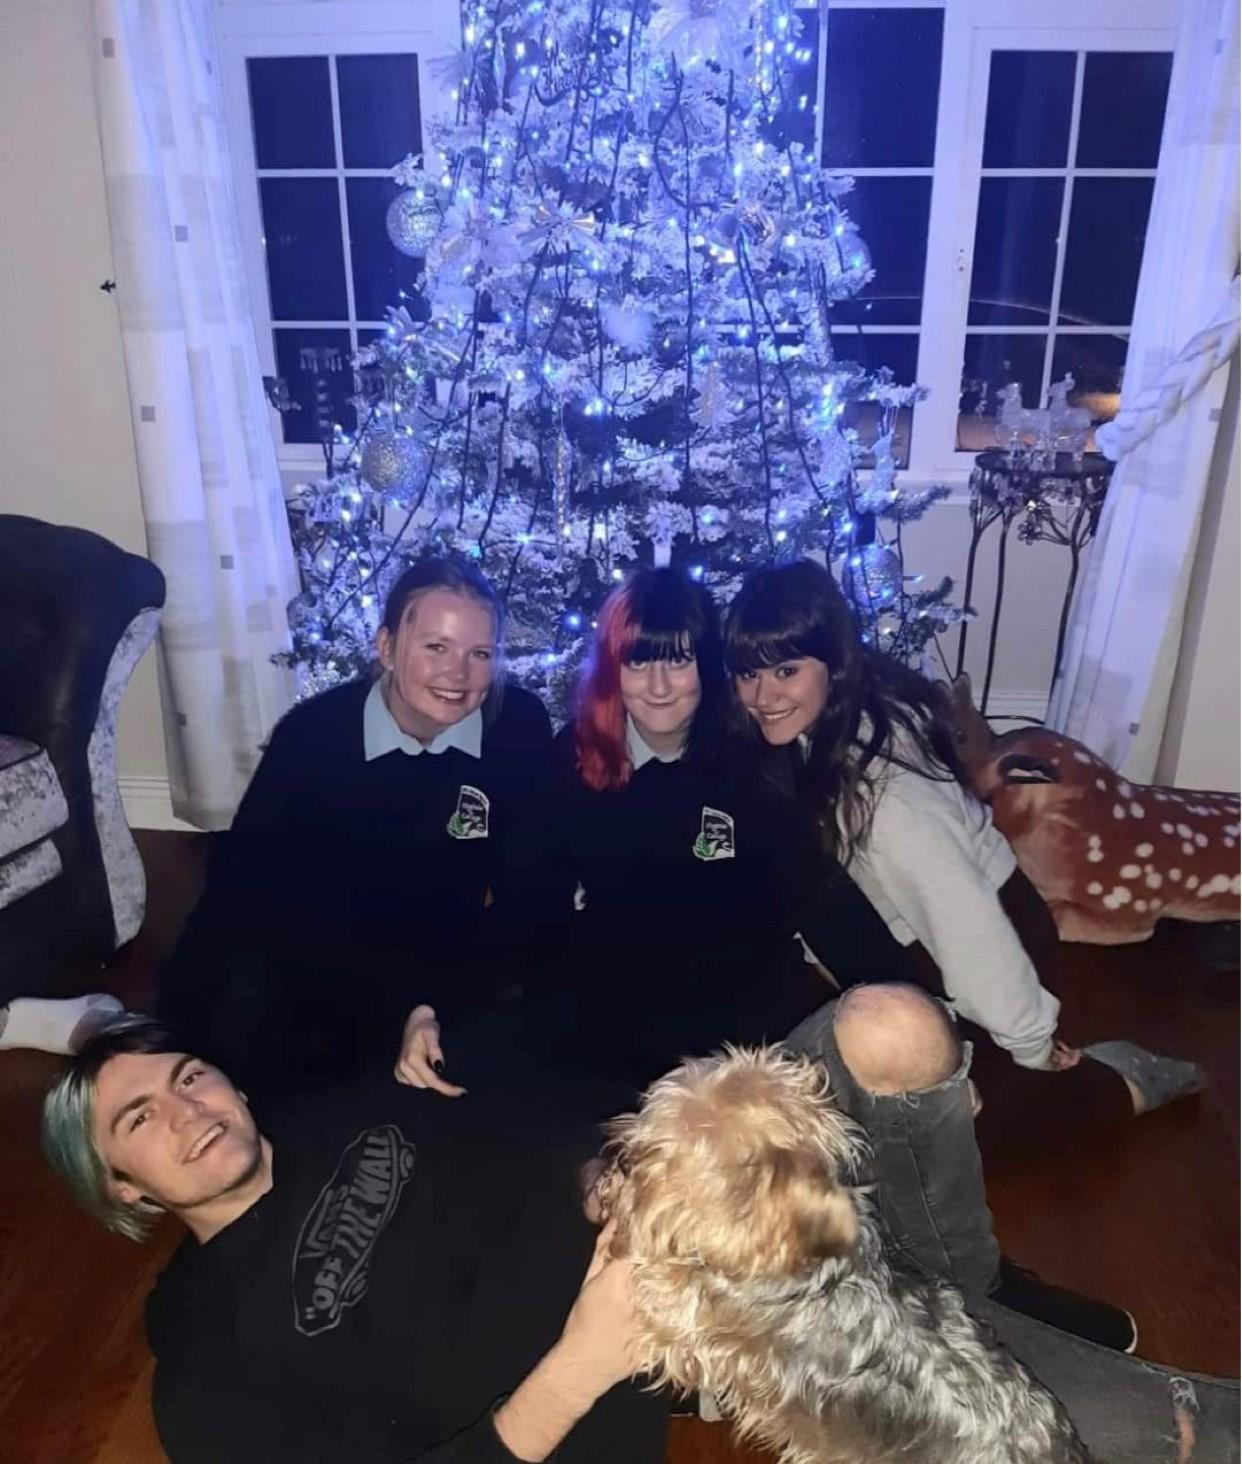 En gruppe venner sitter på gulvet foran et juletre som er dekorert med blå lys